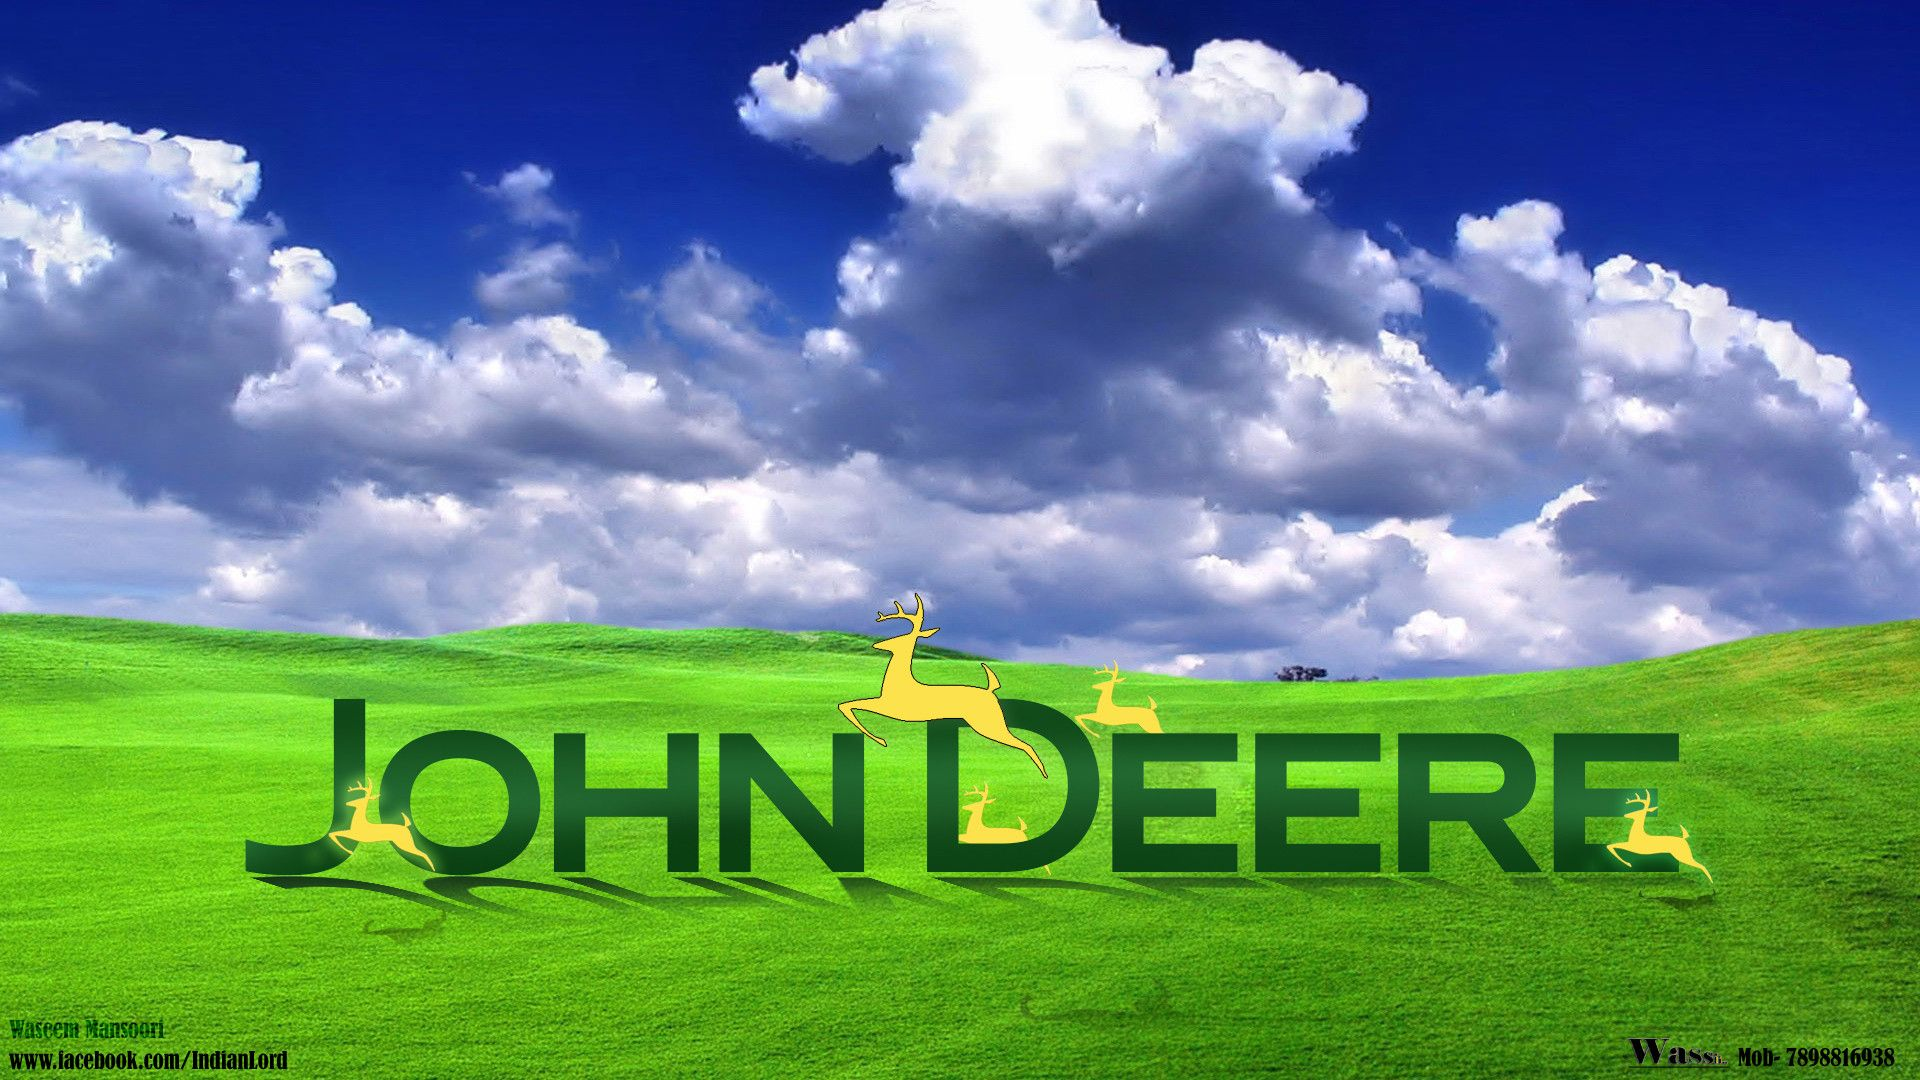 Hd Tractor Desktop Wallpapers: HD John Deere Wallpaper